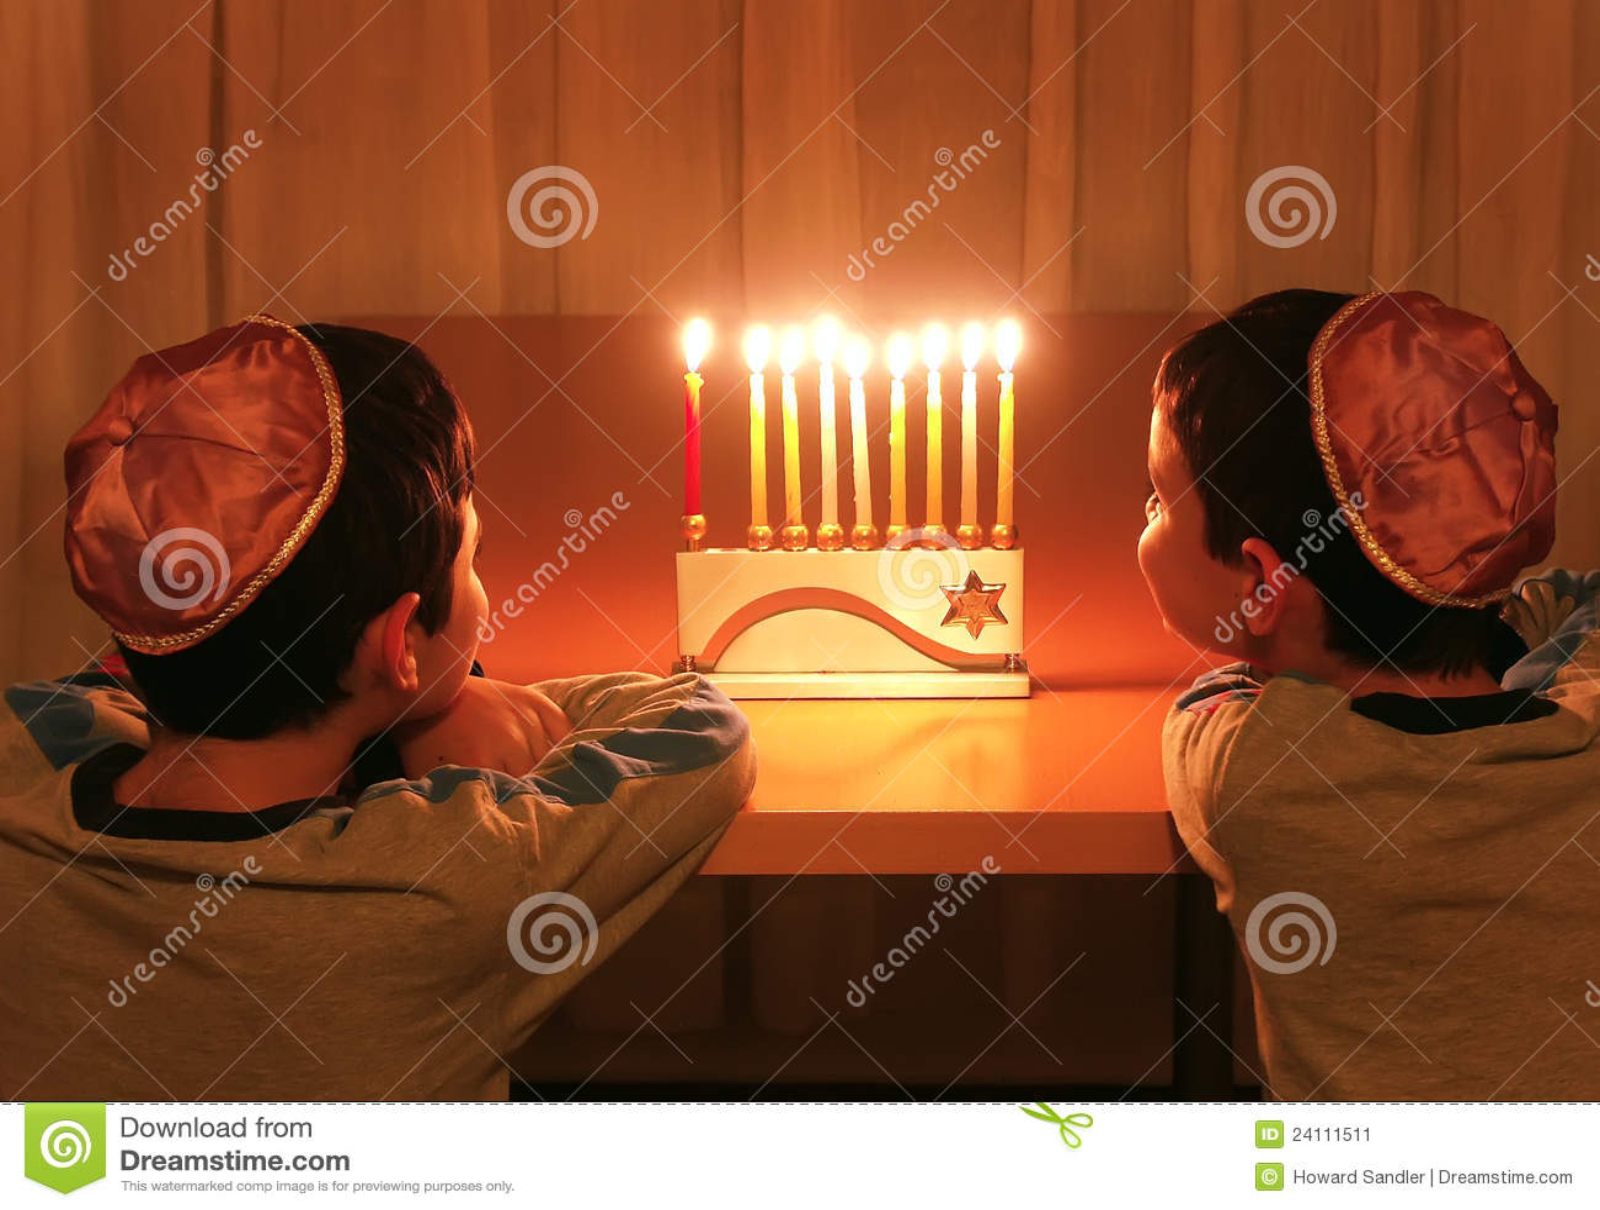 Boys Look at Hanukkah Menorah